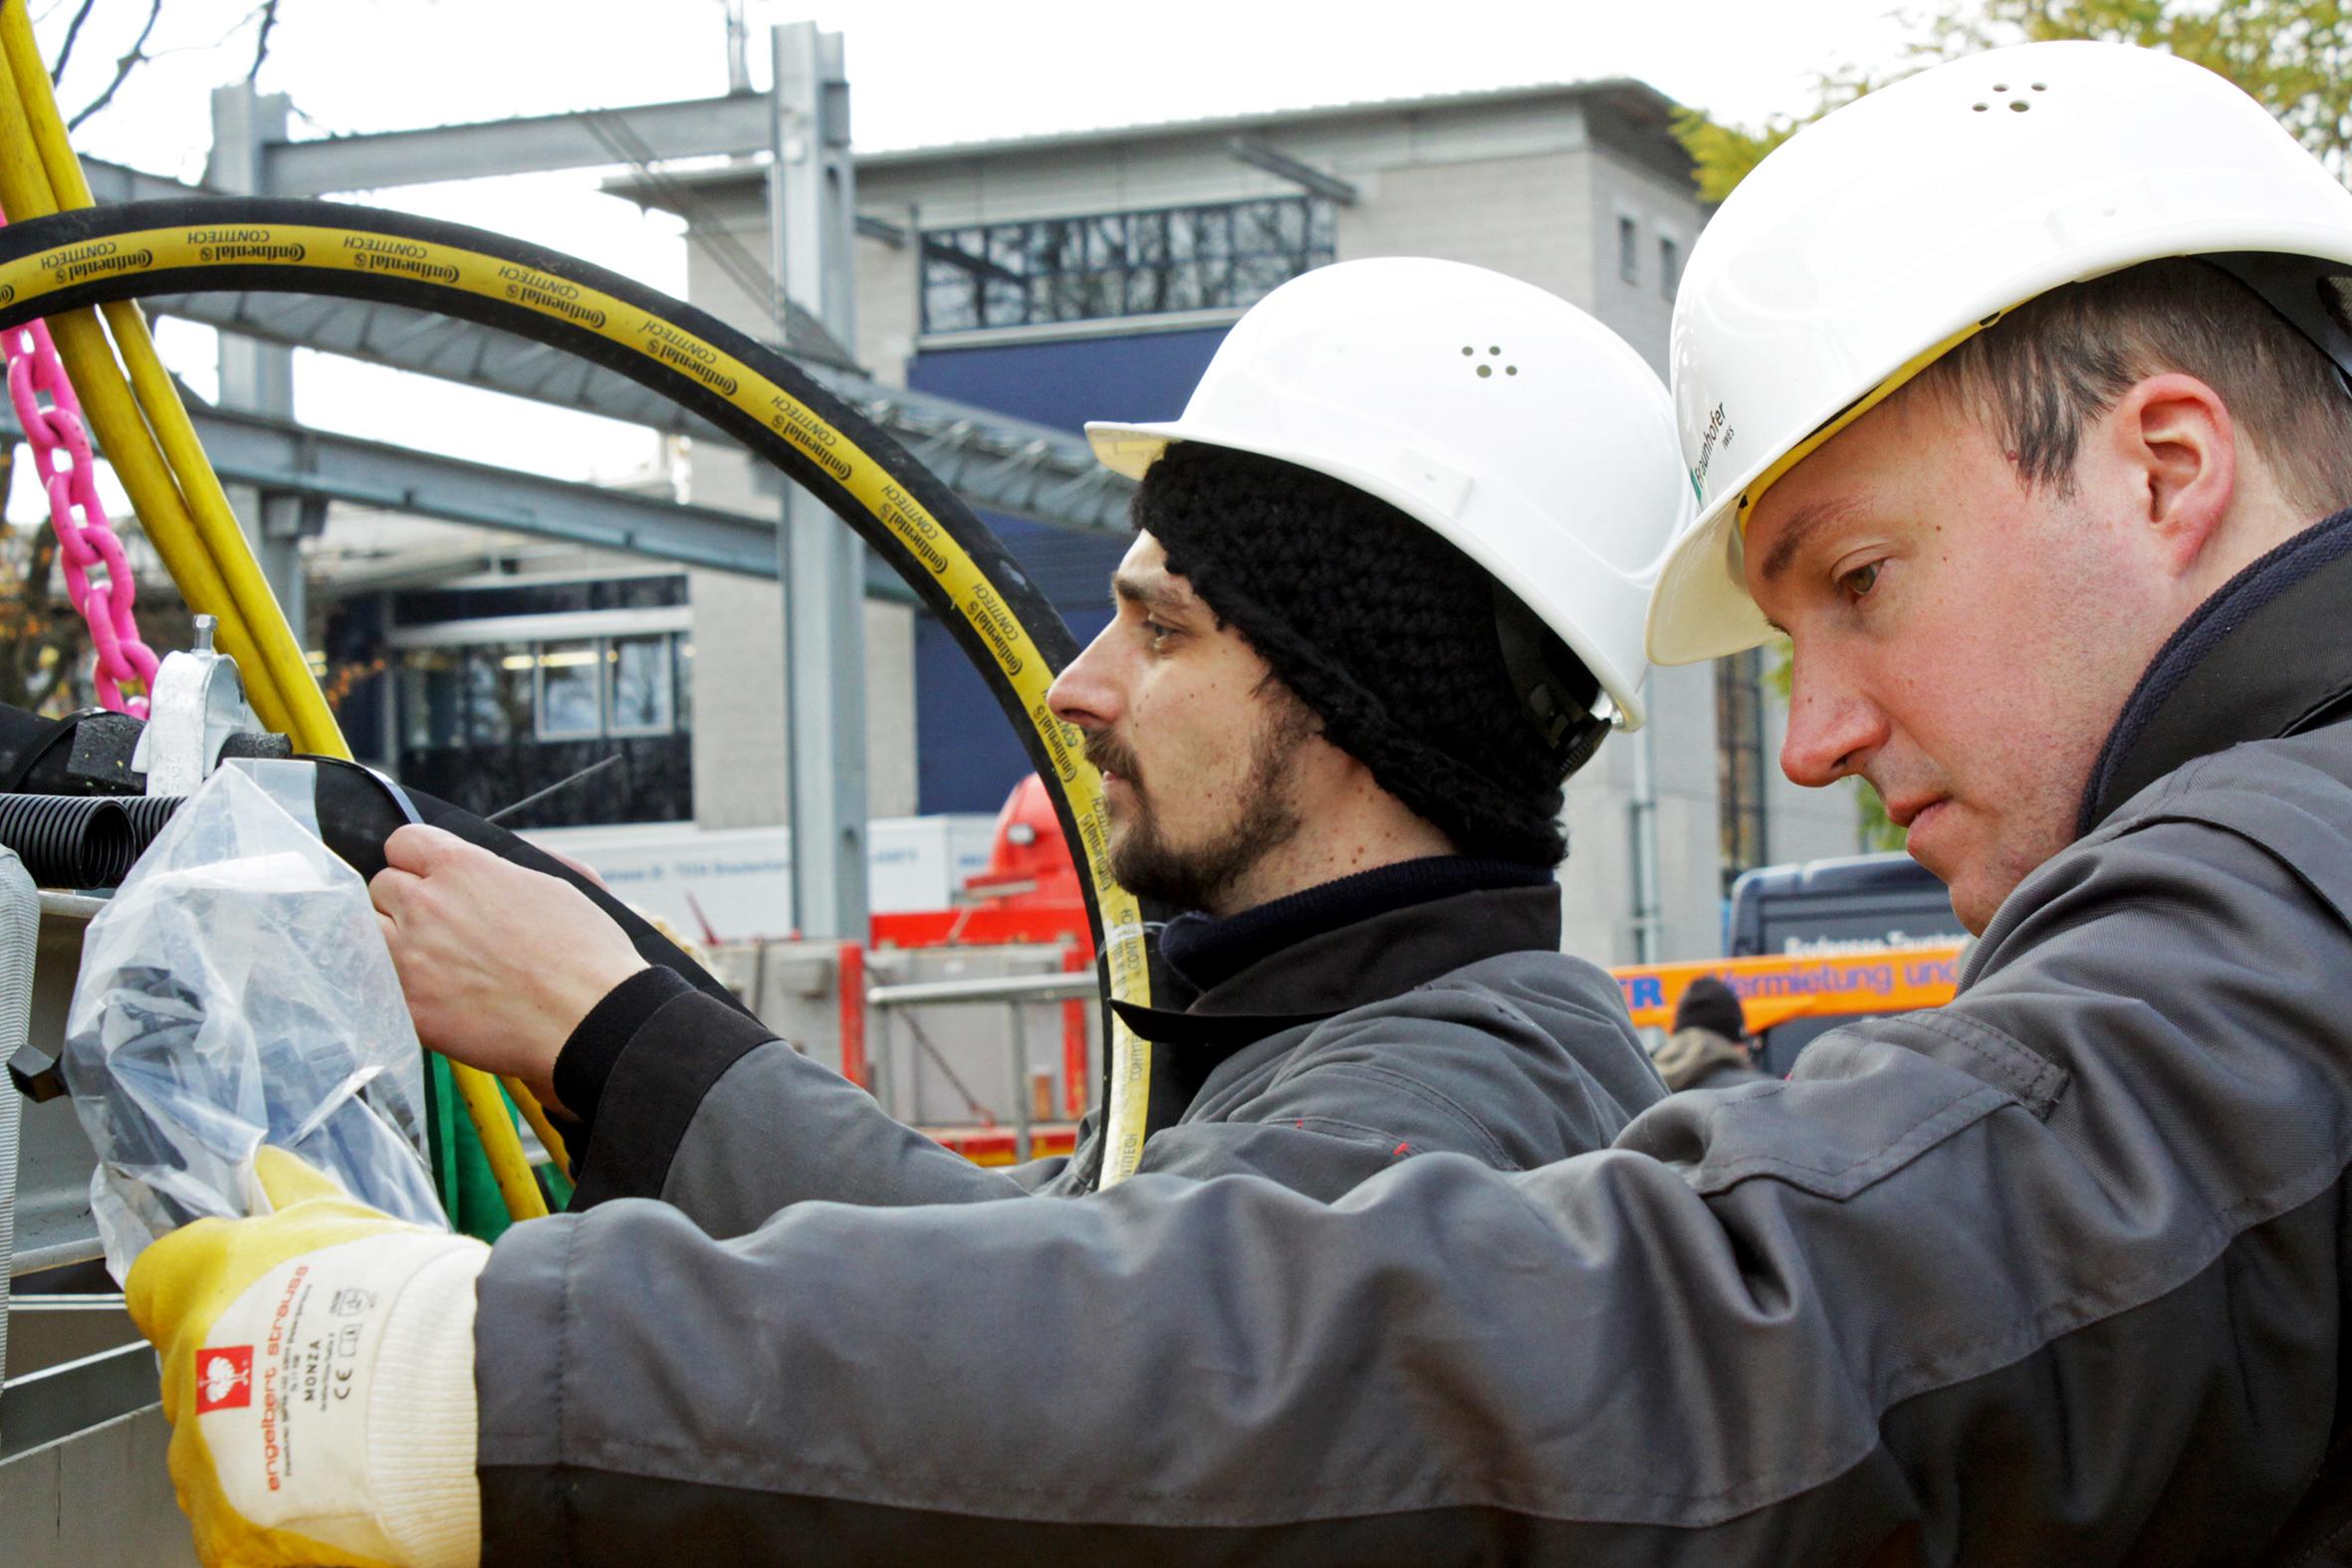 ContiTech ist mit einem speziellen Schlauch beim Projekt des Fraunhofer-Instituts für Windenergie und Energiesystemtechnik dabei. Der hohe Außendruck von 10 bar in einer Wassertiefe von 100 Metern macht dem robusten, trinkwassertauglichen Schlauch nichts aus.  Foto: Fraunhofer IWES | Energiesystemtechnik